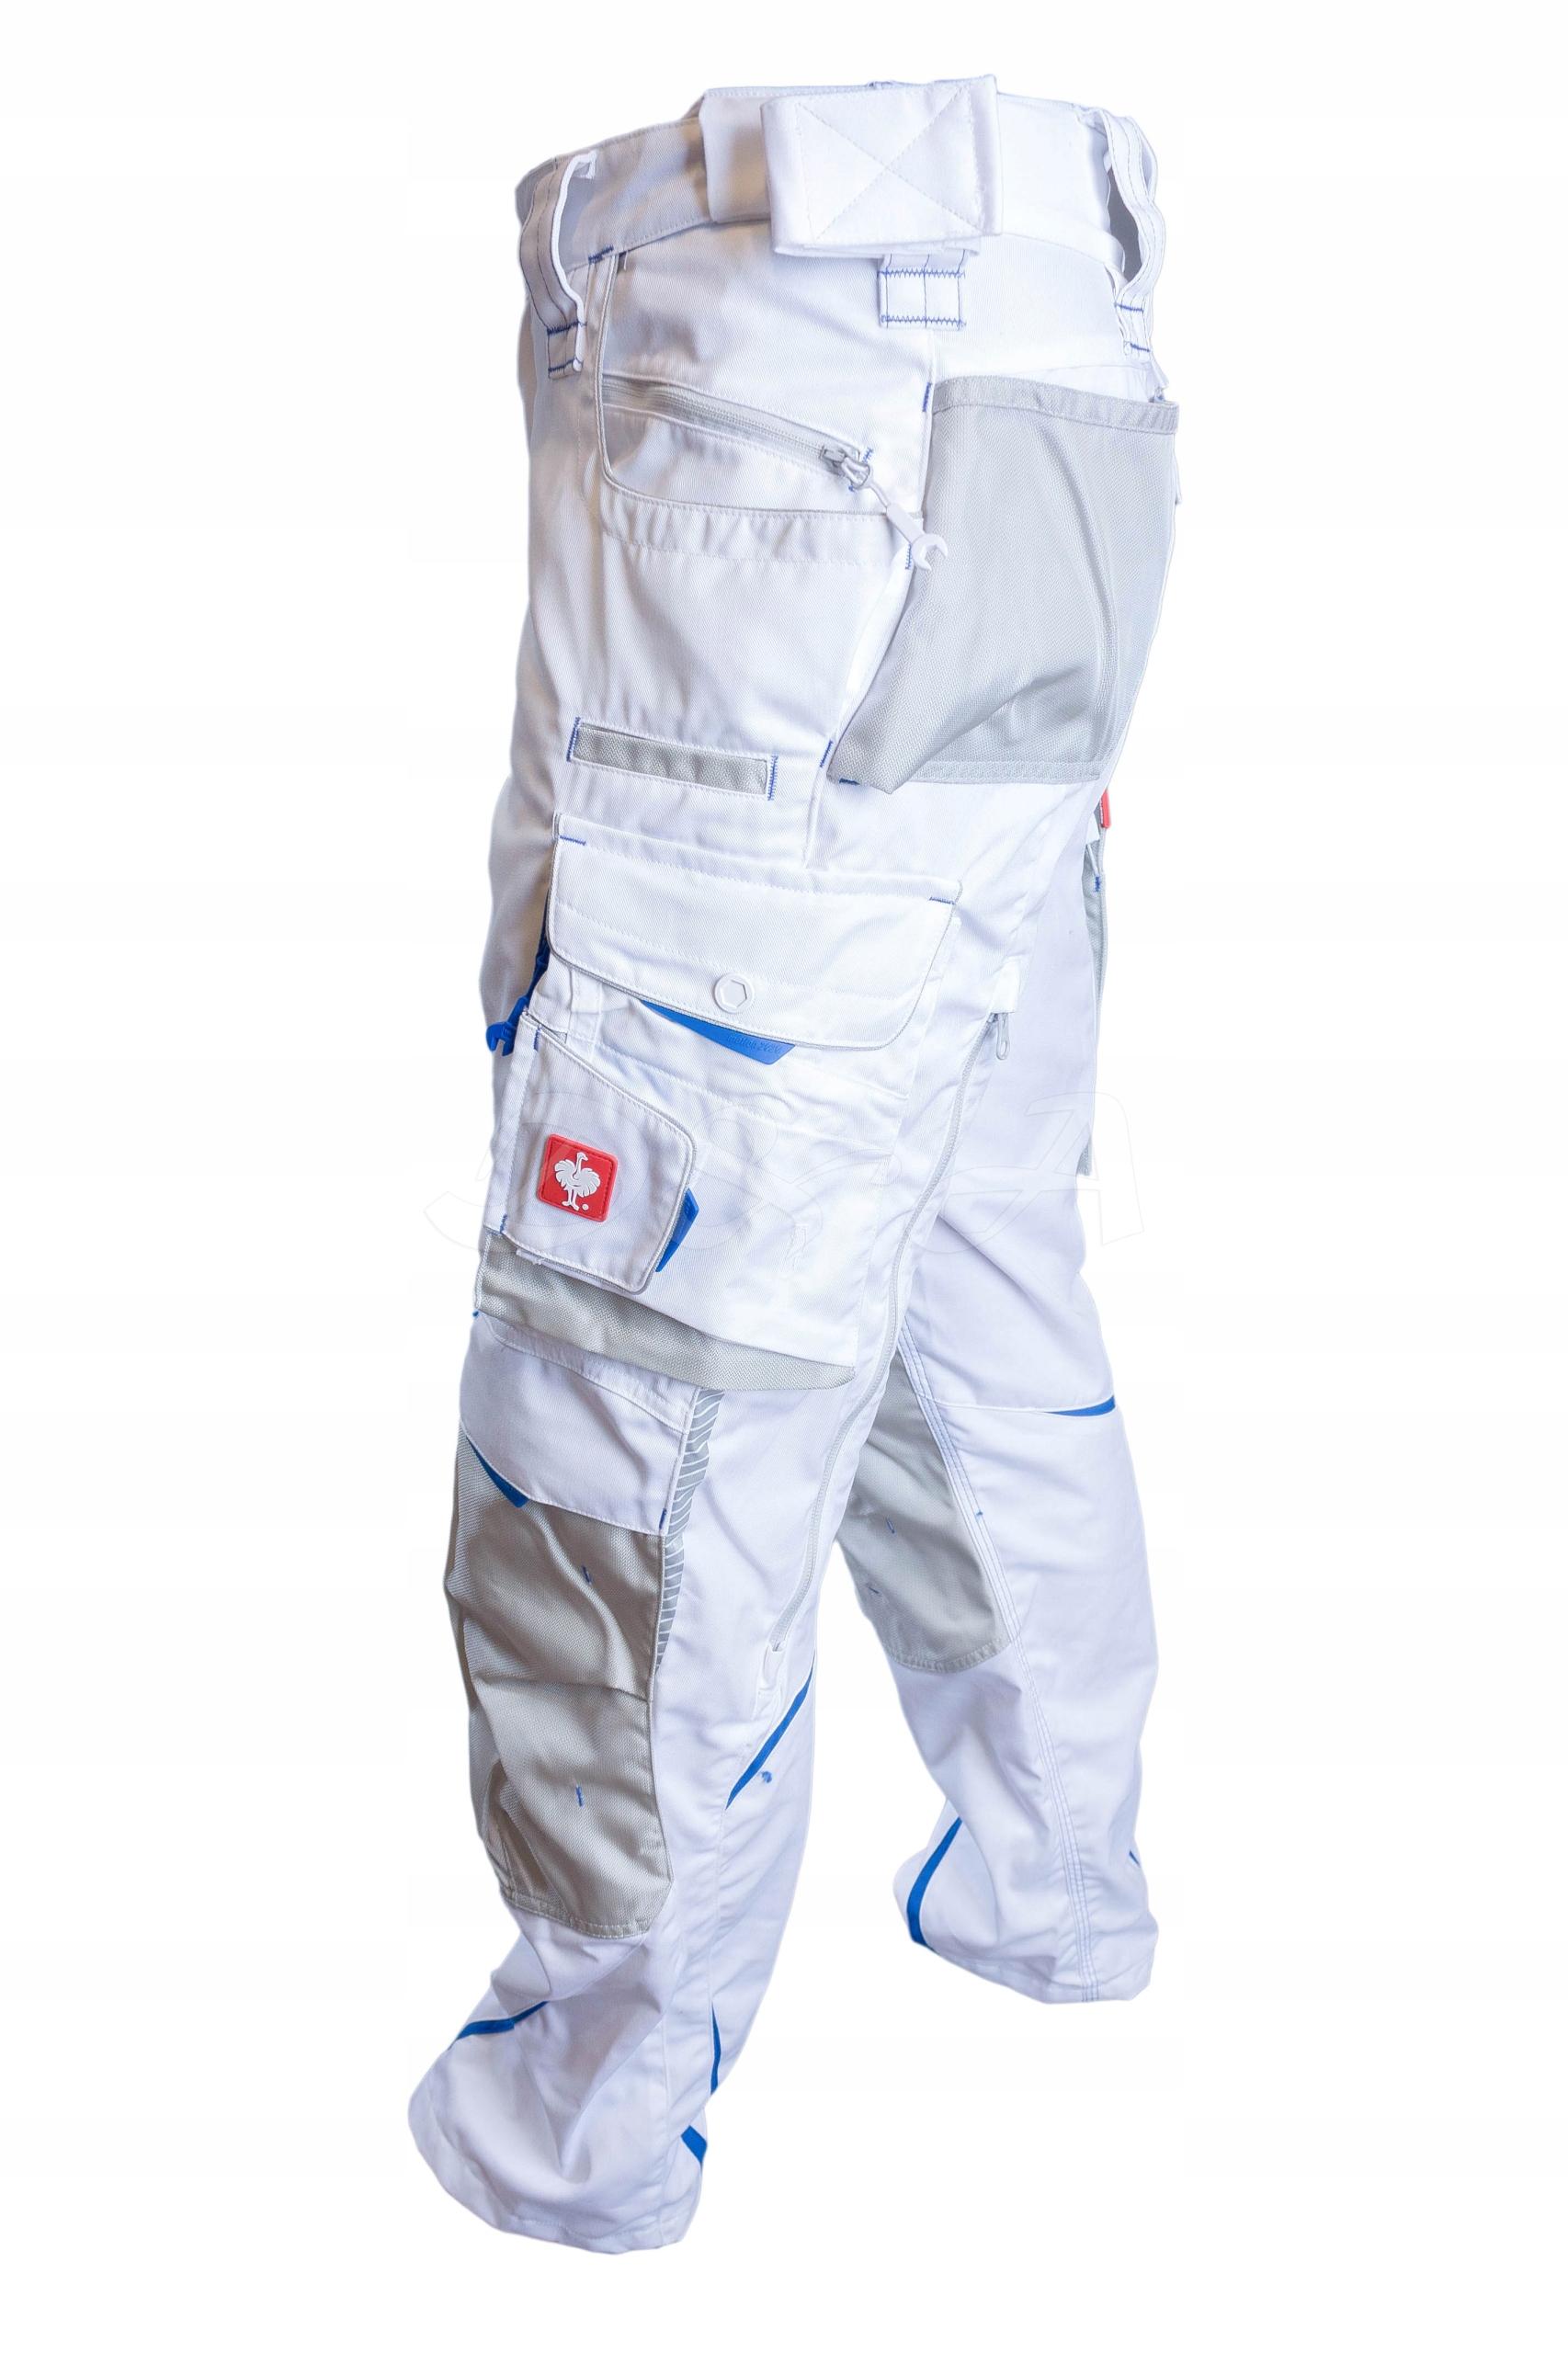 spodnie robocze engelbert strauss 2020 motion wrocław